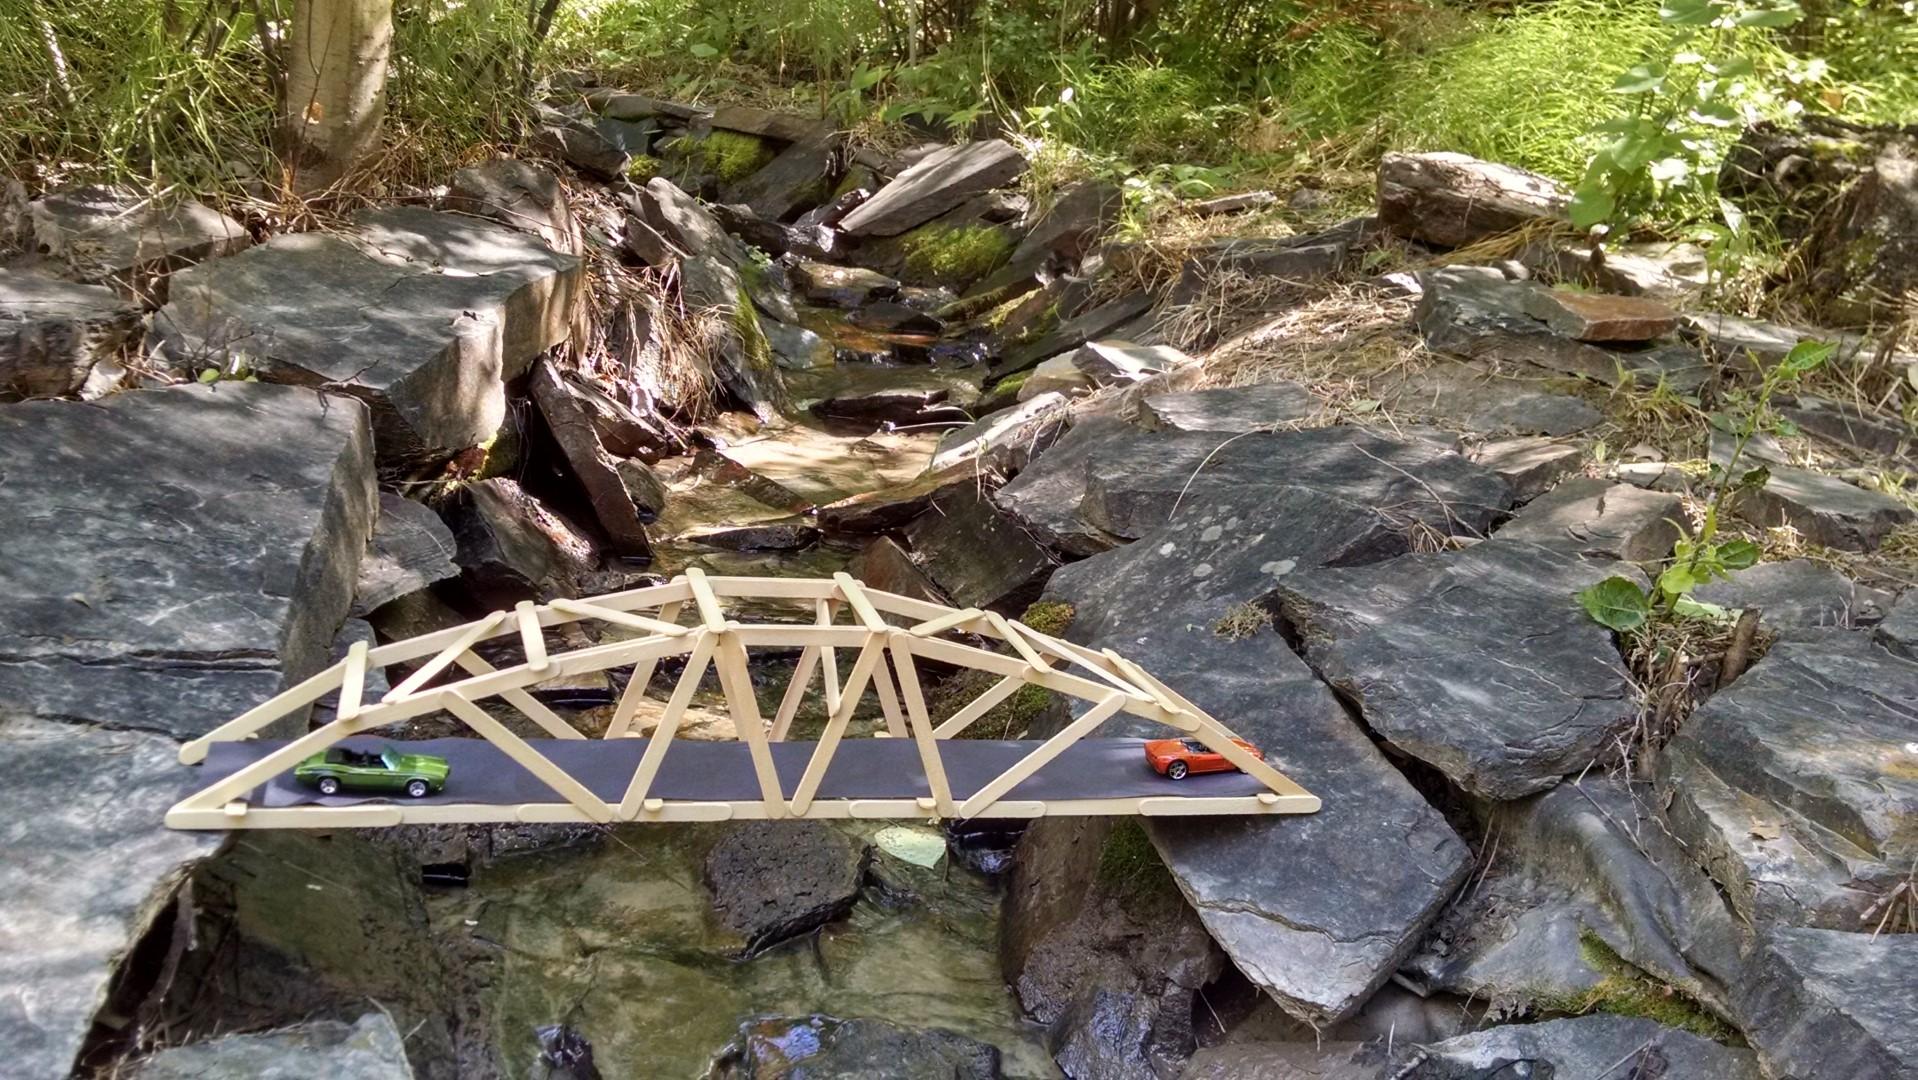 25 Arched Warren Popsicle Stick Bridge Garretts Bridges Truss Diagram The First Was Probably A Design Constraints